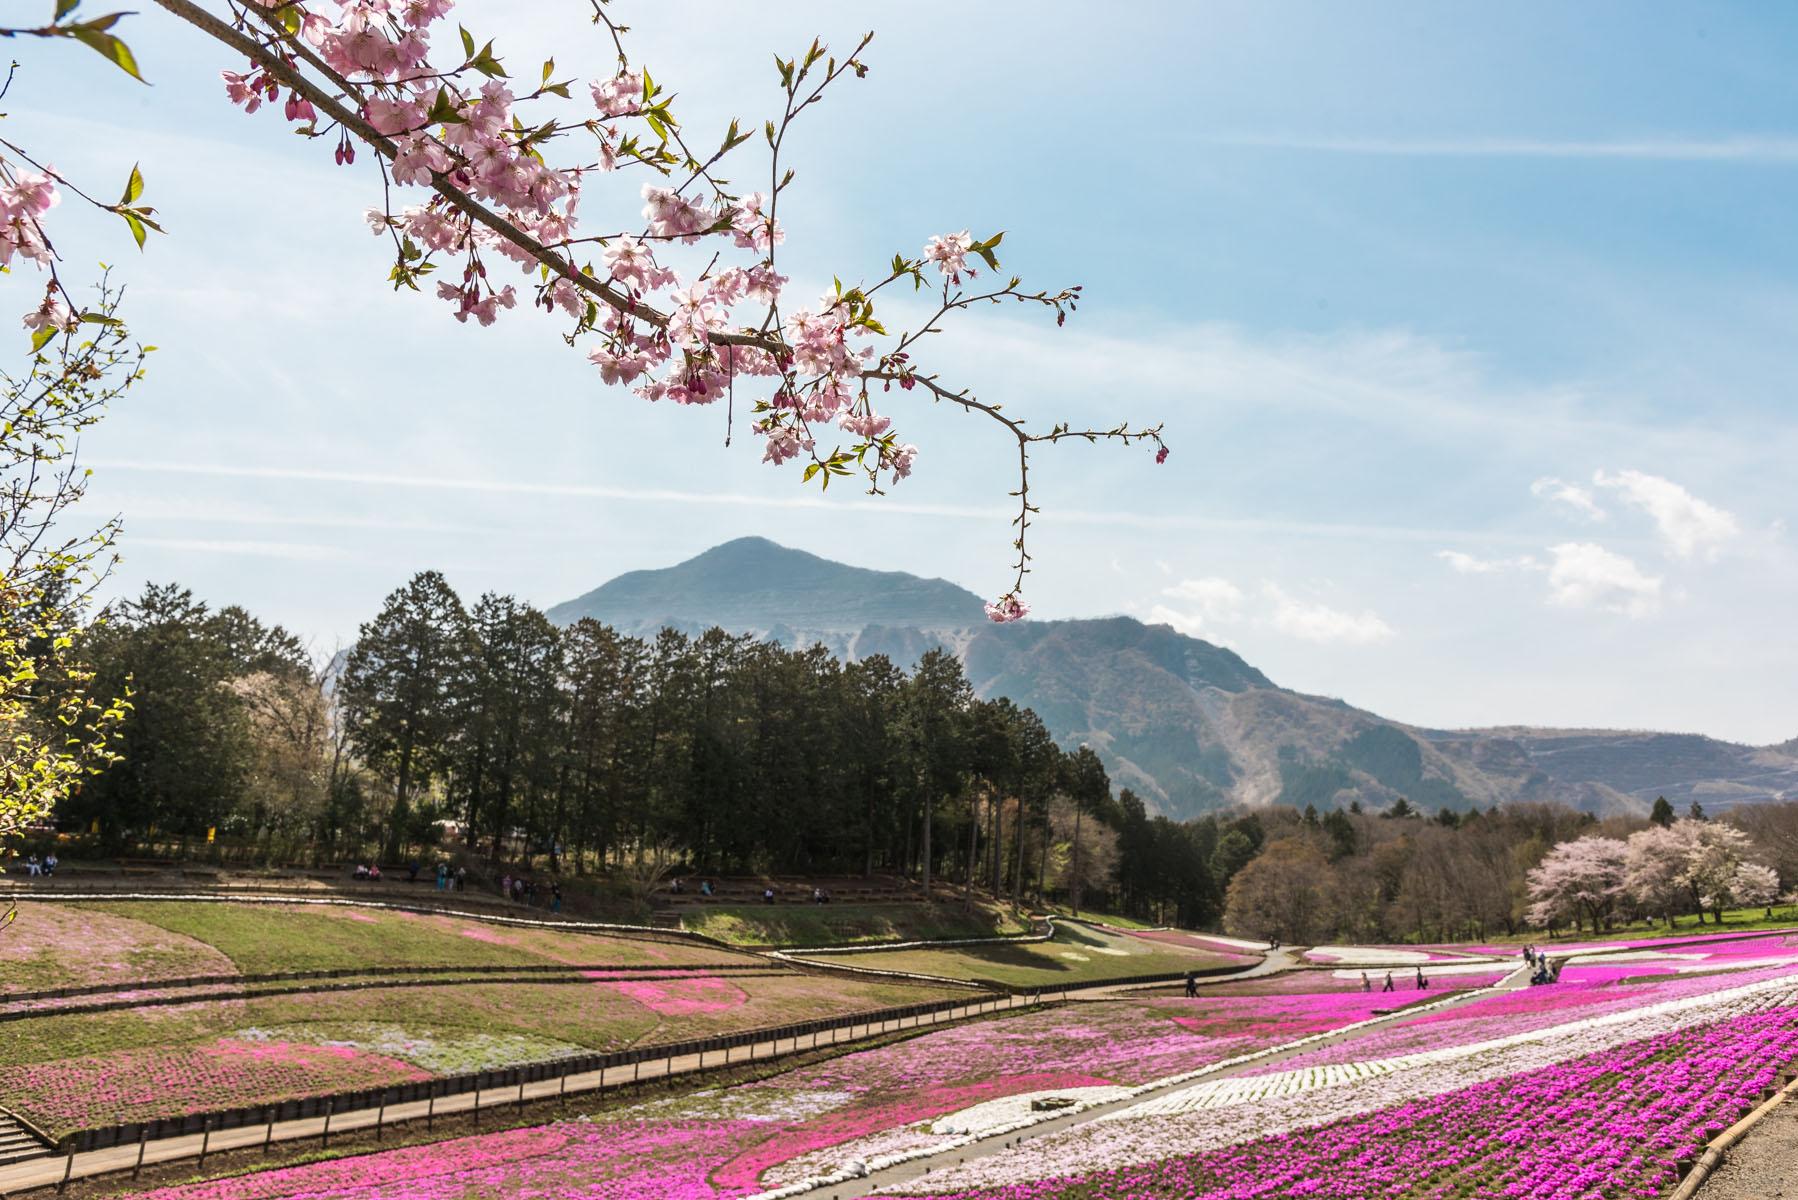 羊山公園の枝垂れ桜【秩父羊山公園:埼玉県秩父市】